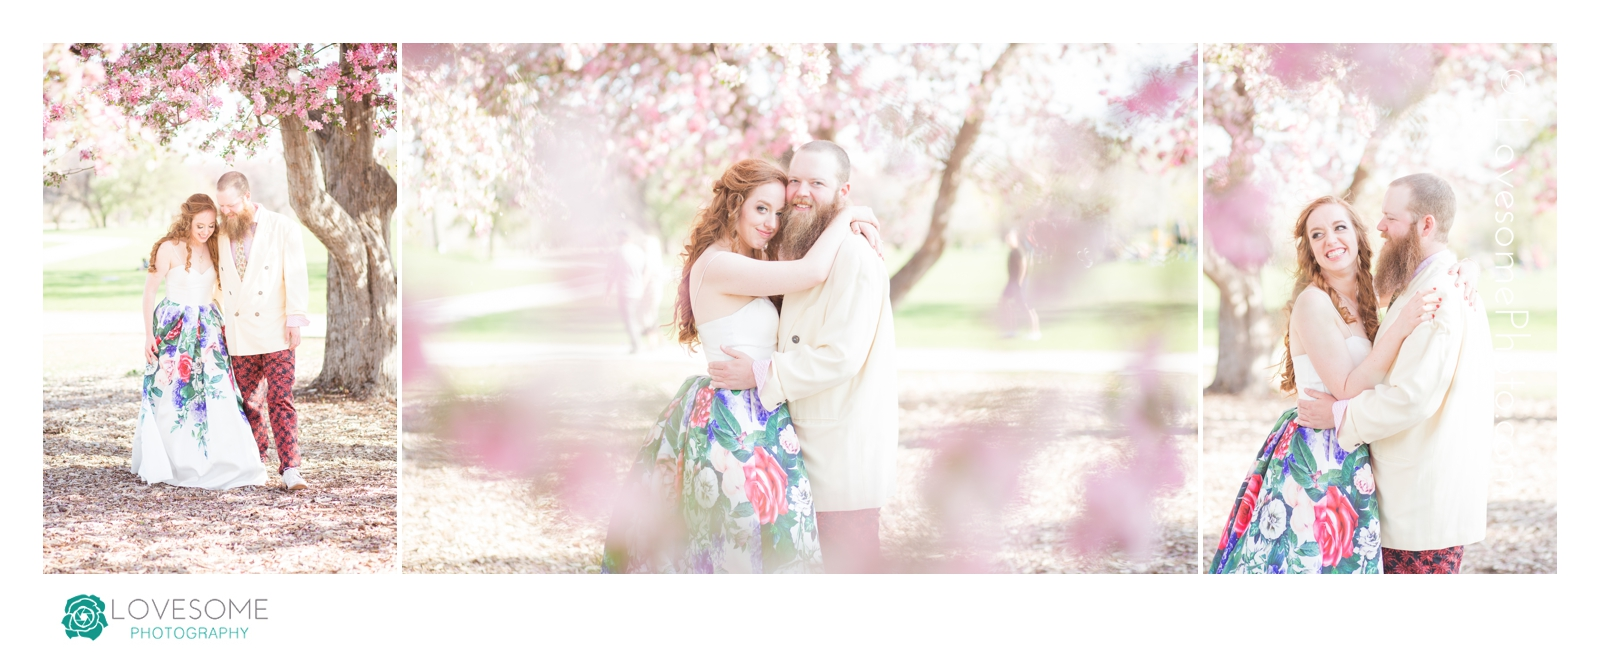 Sophie & Tyrone 7.jpg